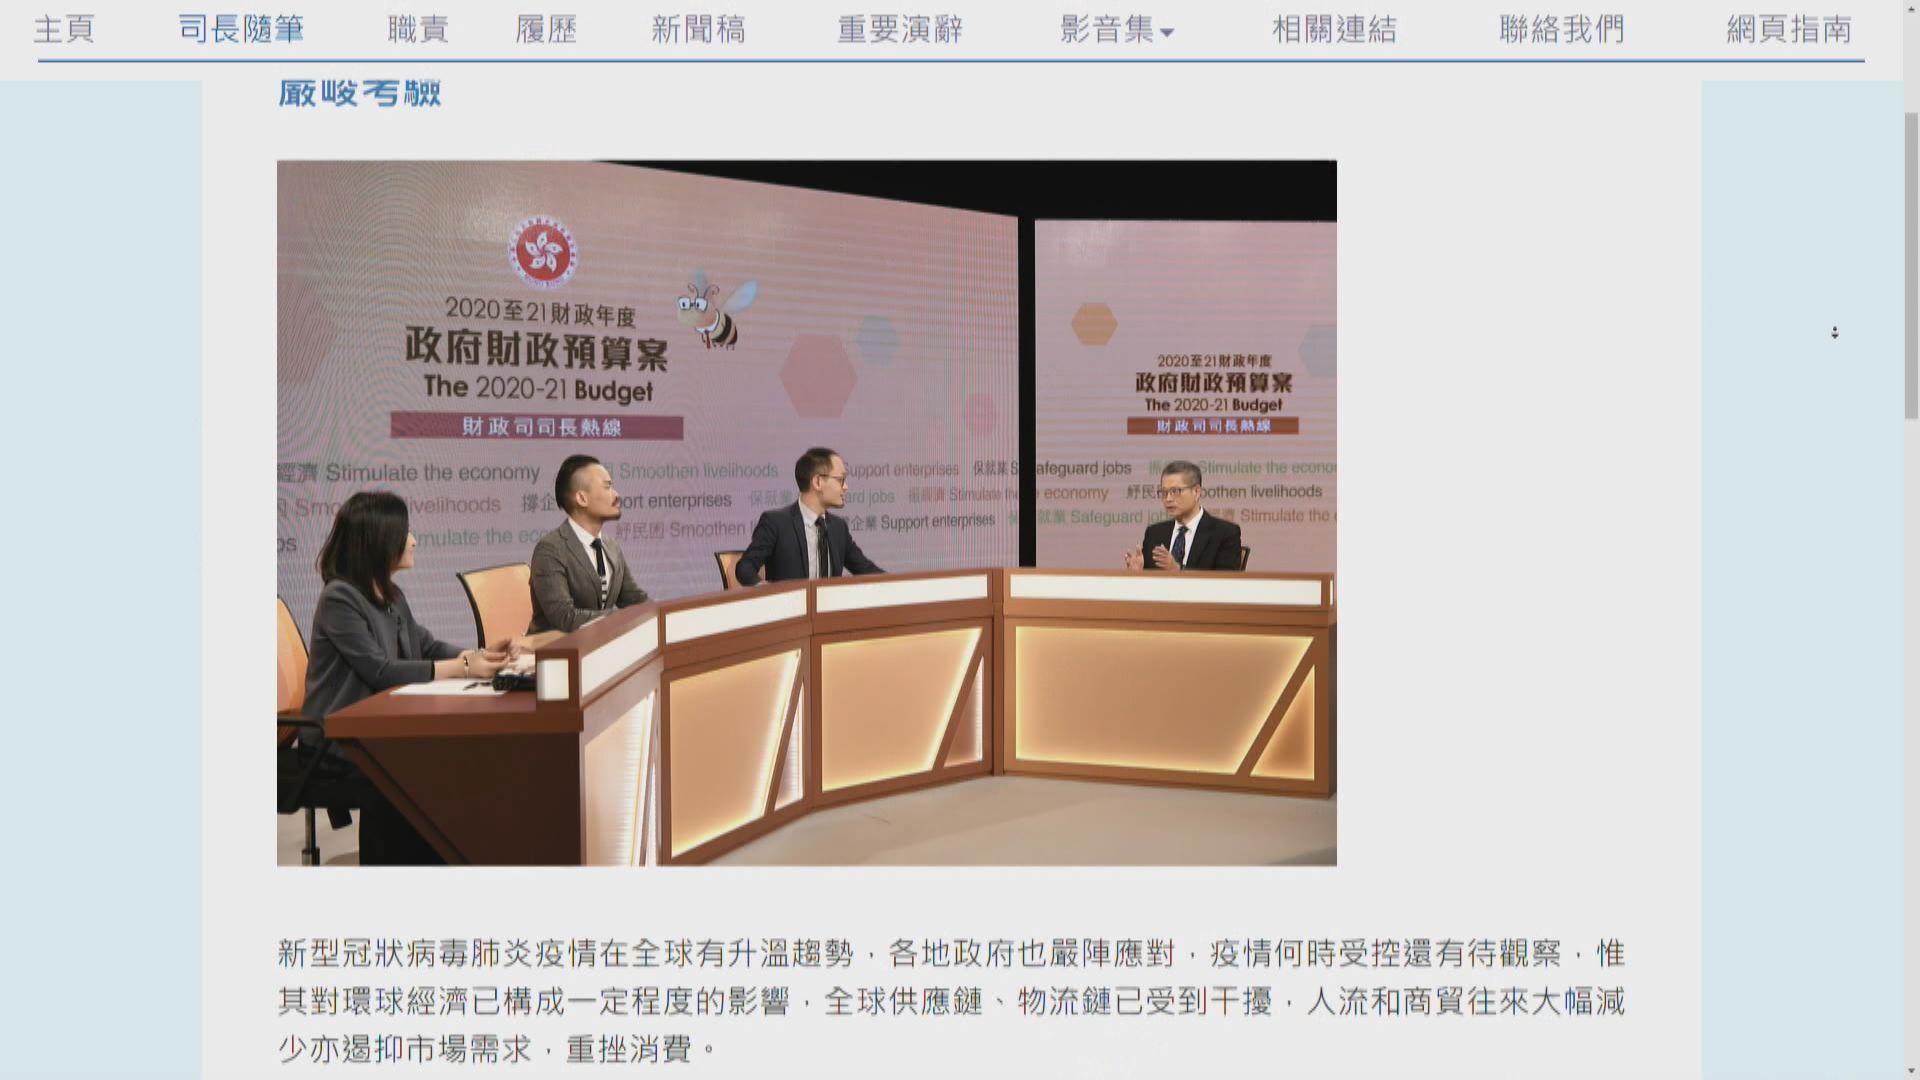 陳茂波:經濟令人憂慮 冀逆周期措施可支援